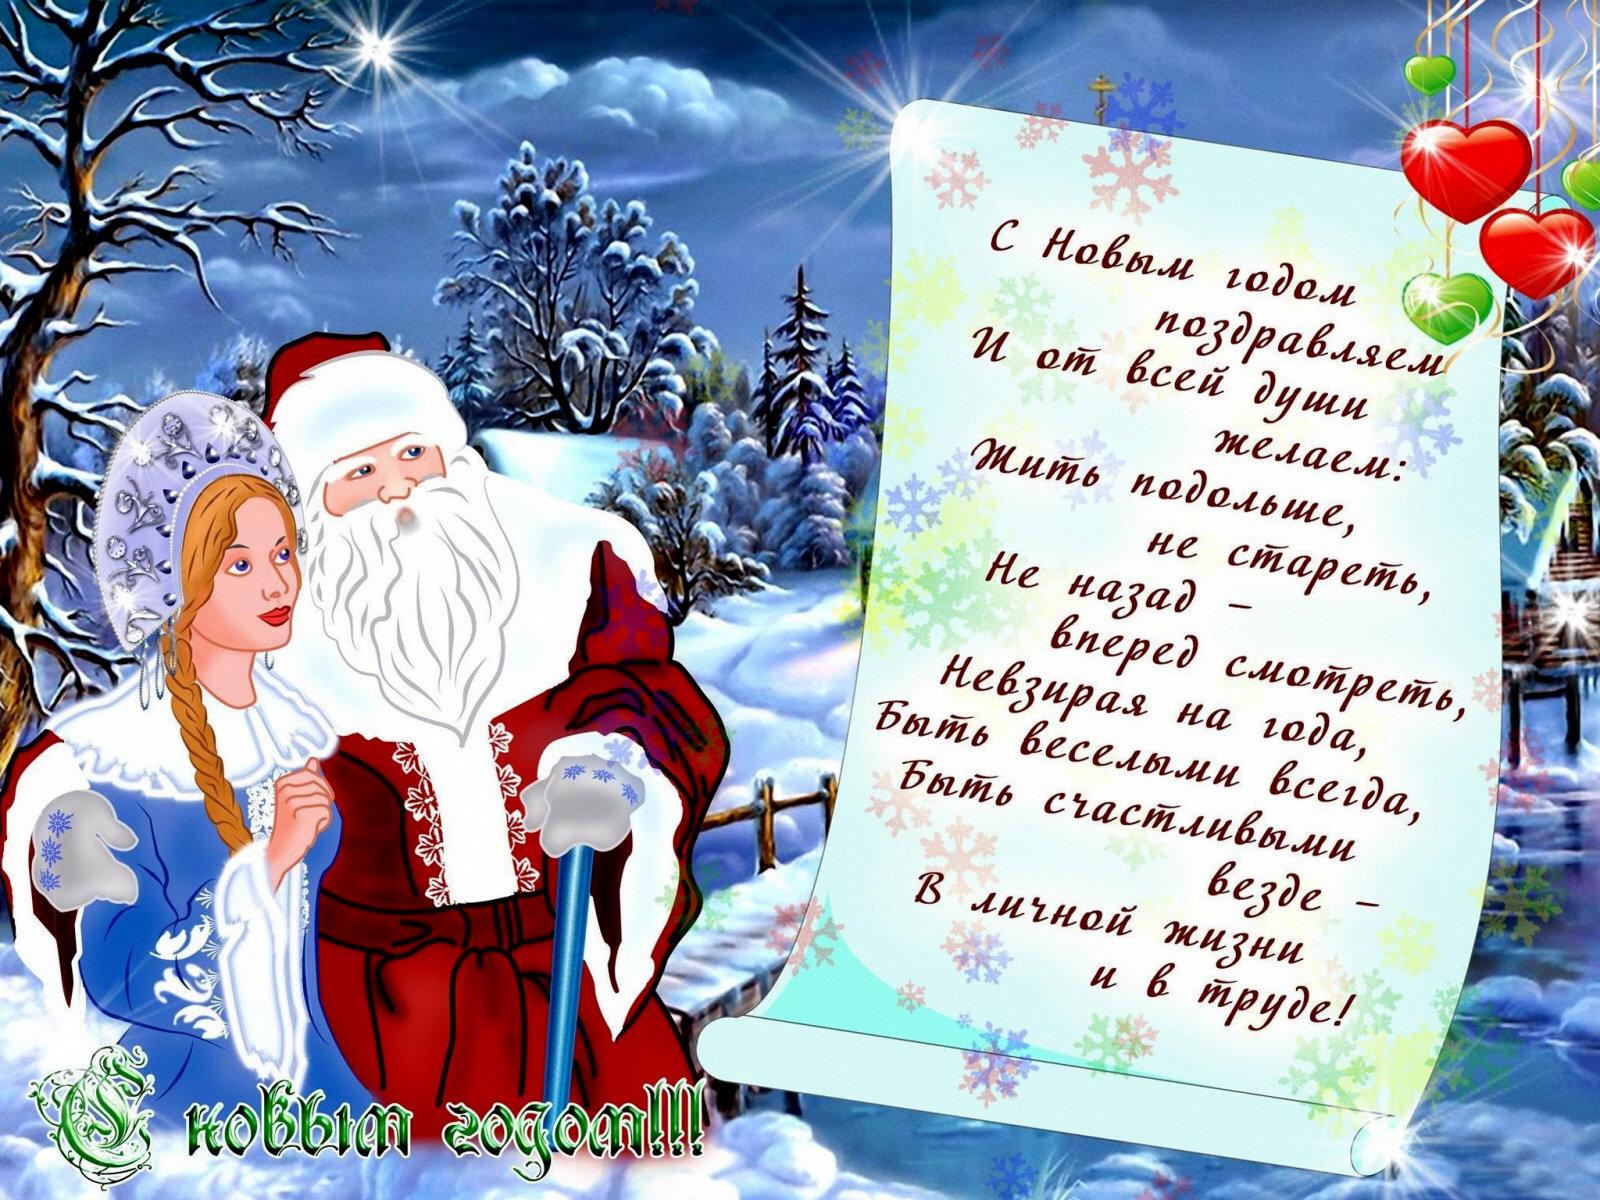 Поздравление на открытку с новым годом 2014